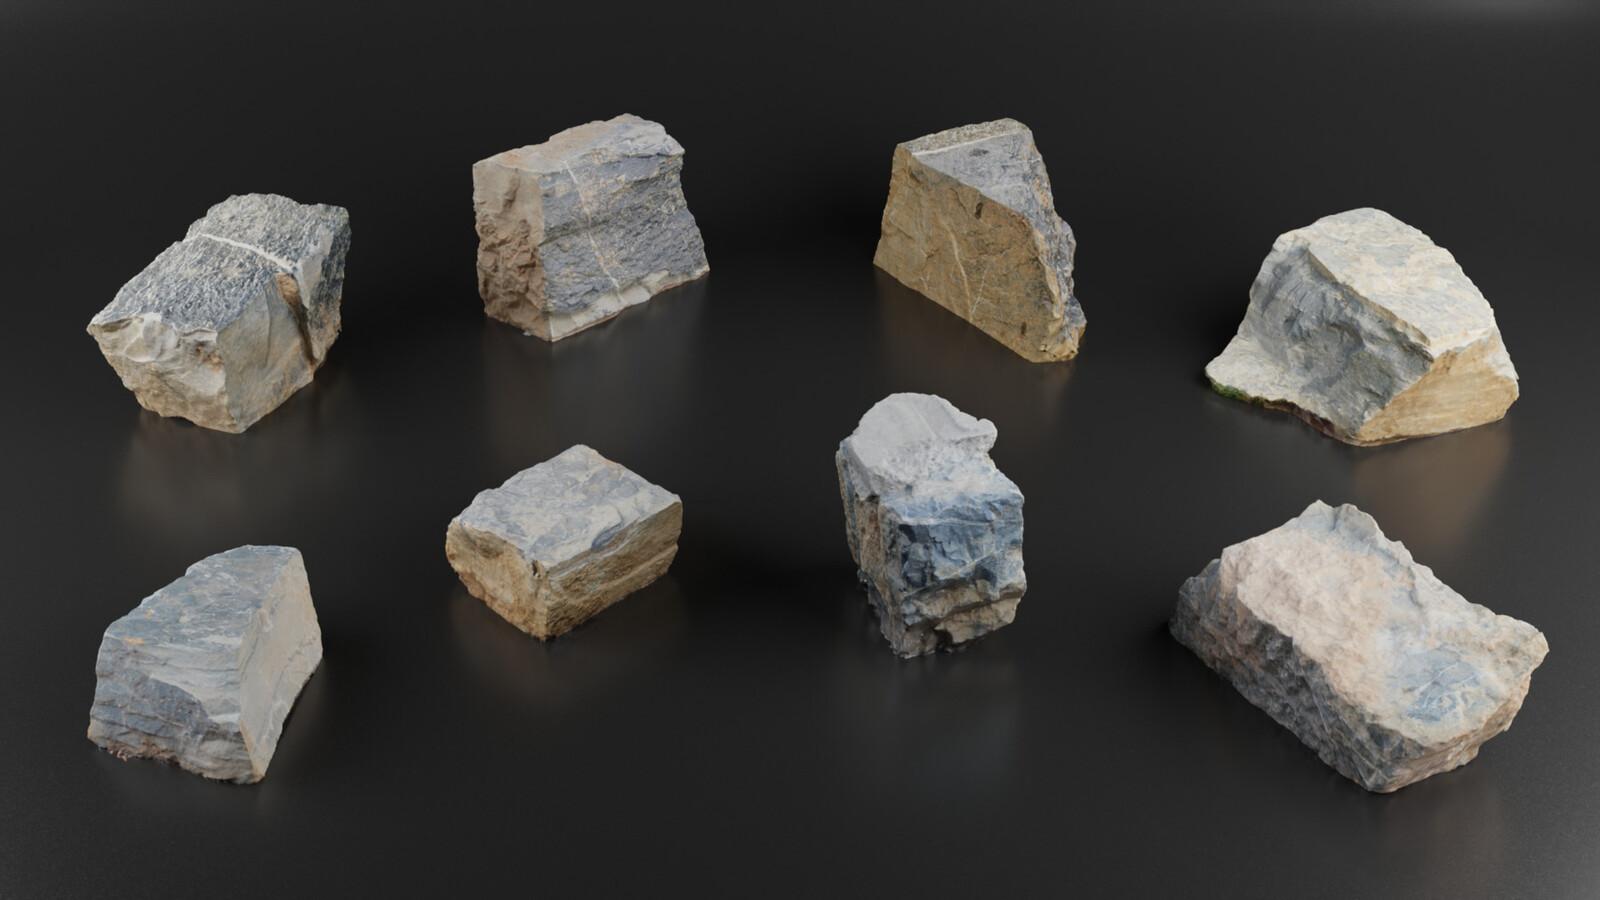 Photo scanned rocks. https://artstn.co/m/NWKL